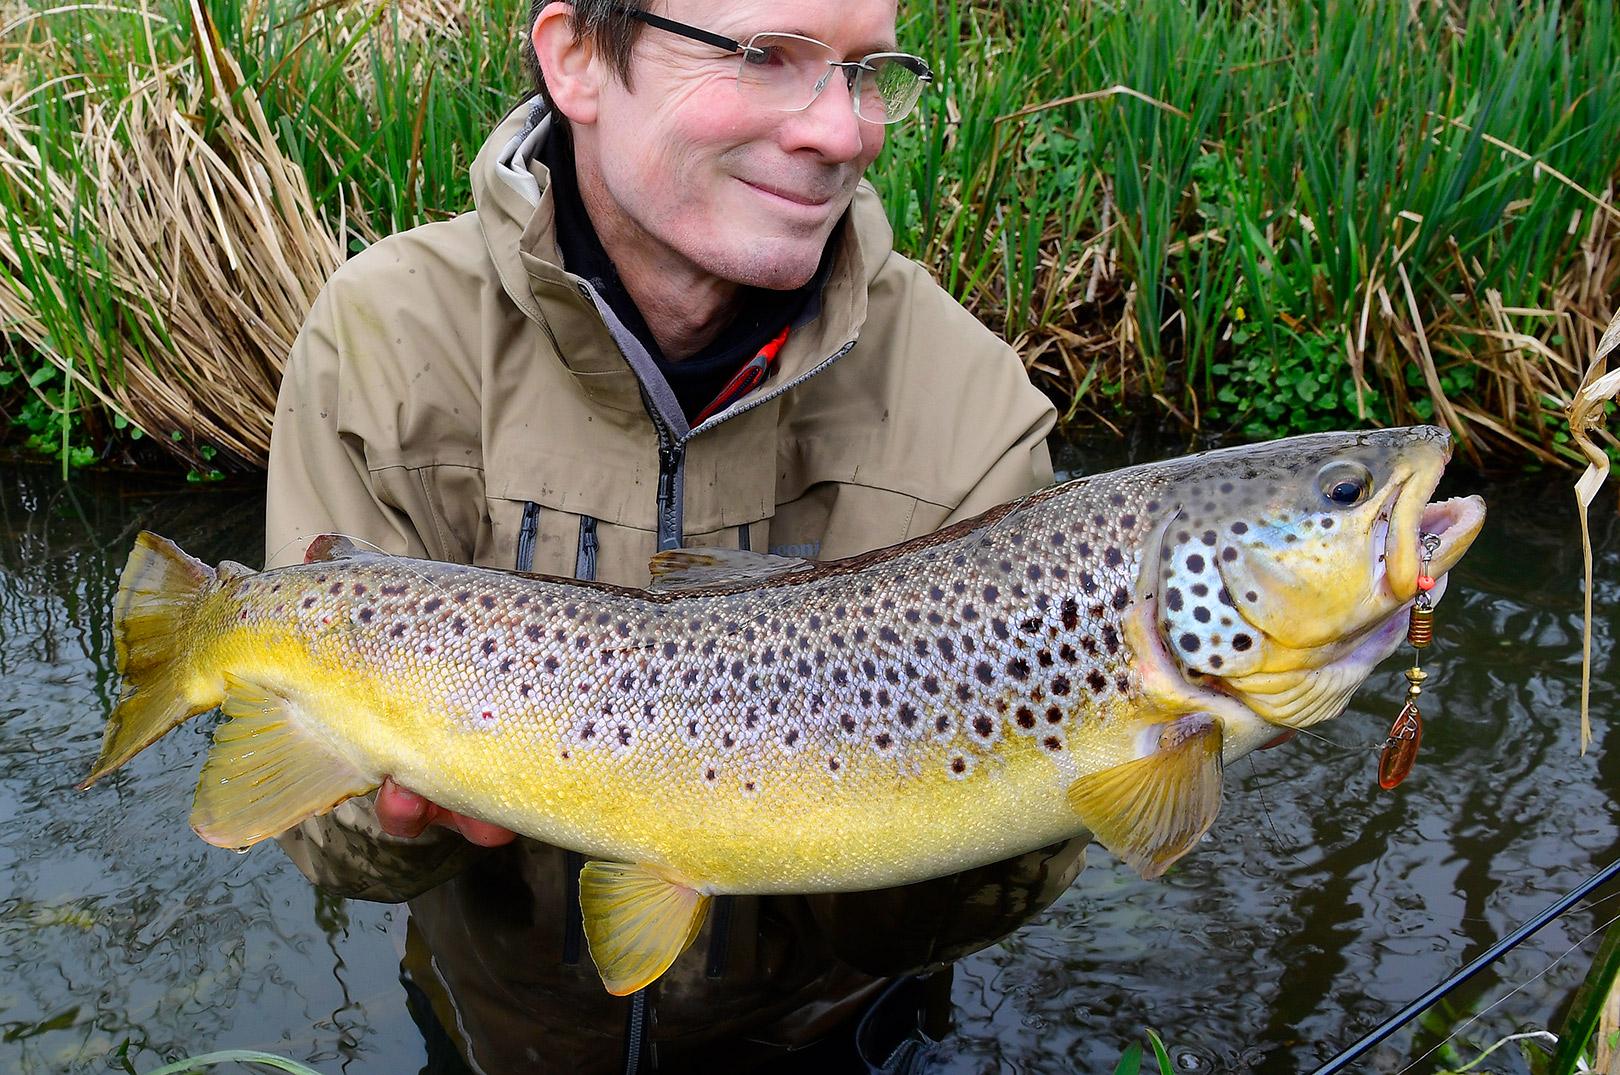 Bækørred fanget på Mepps str. 3 fisket med Claw Connector